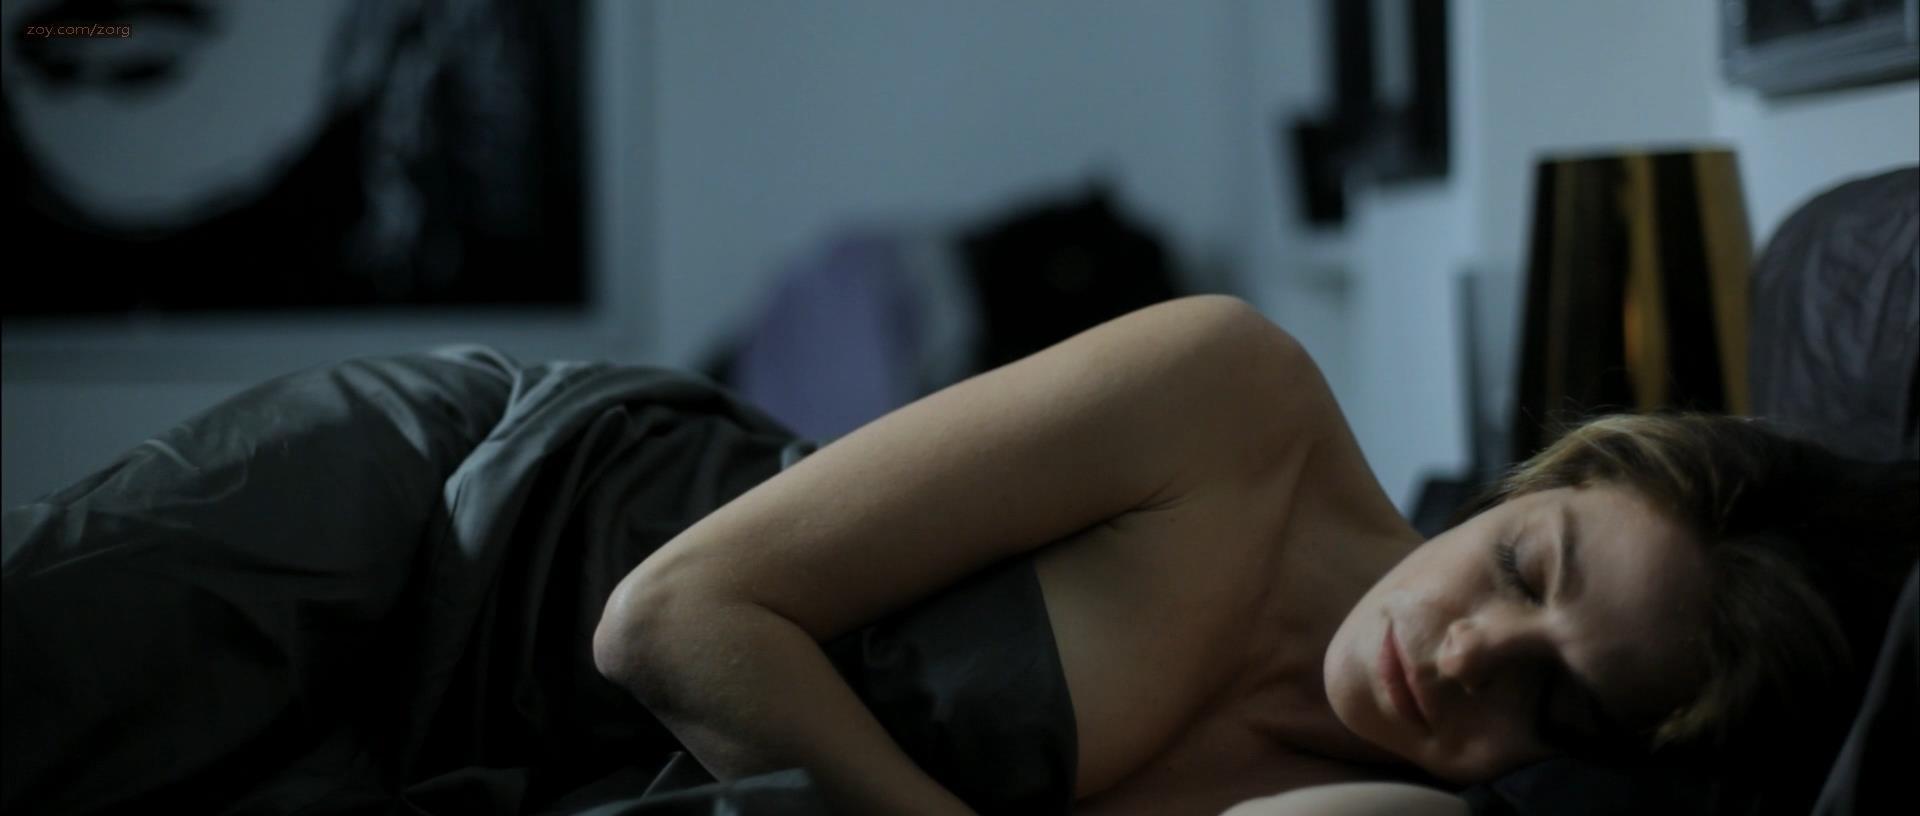 Claudia Gerini nude topless butt Giorgia Sincorini nude and Crisula Stafida full nude lesbian sex - Tulpa Perdizioni mortali (2012) hd1080p